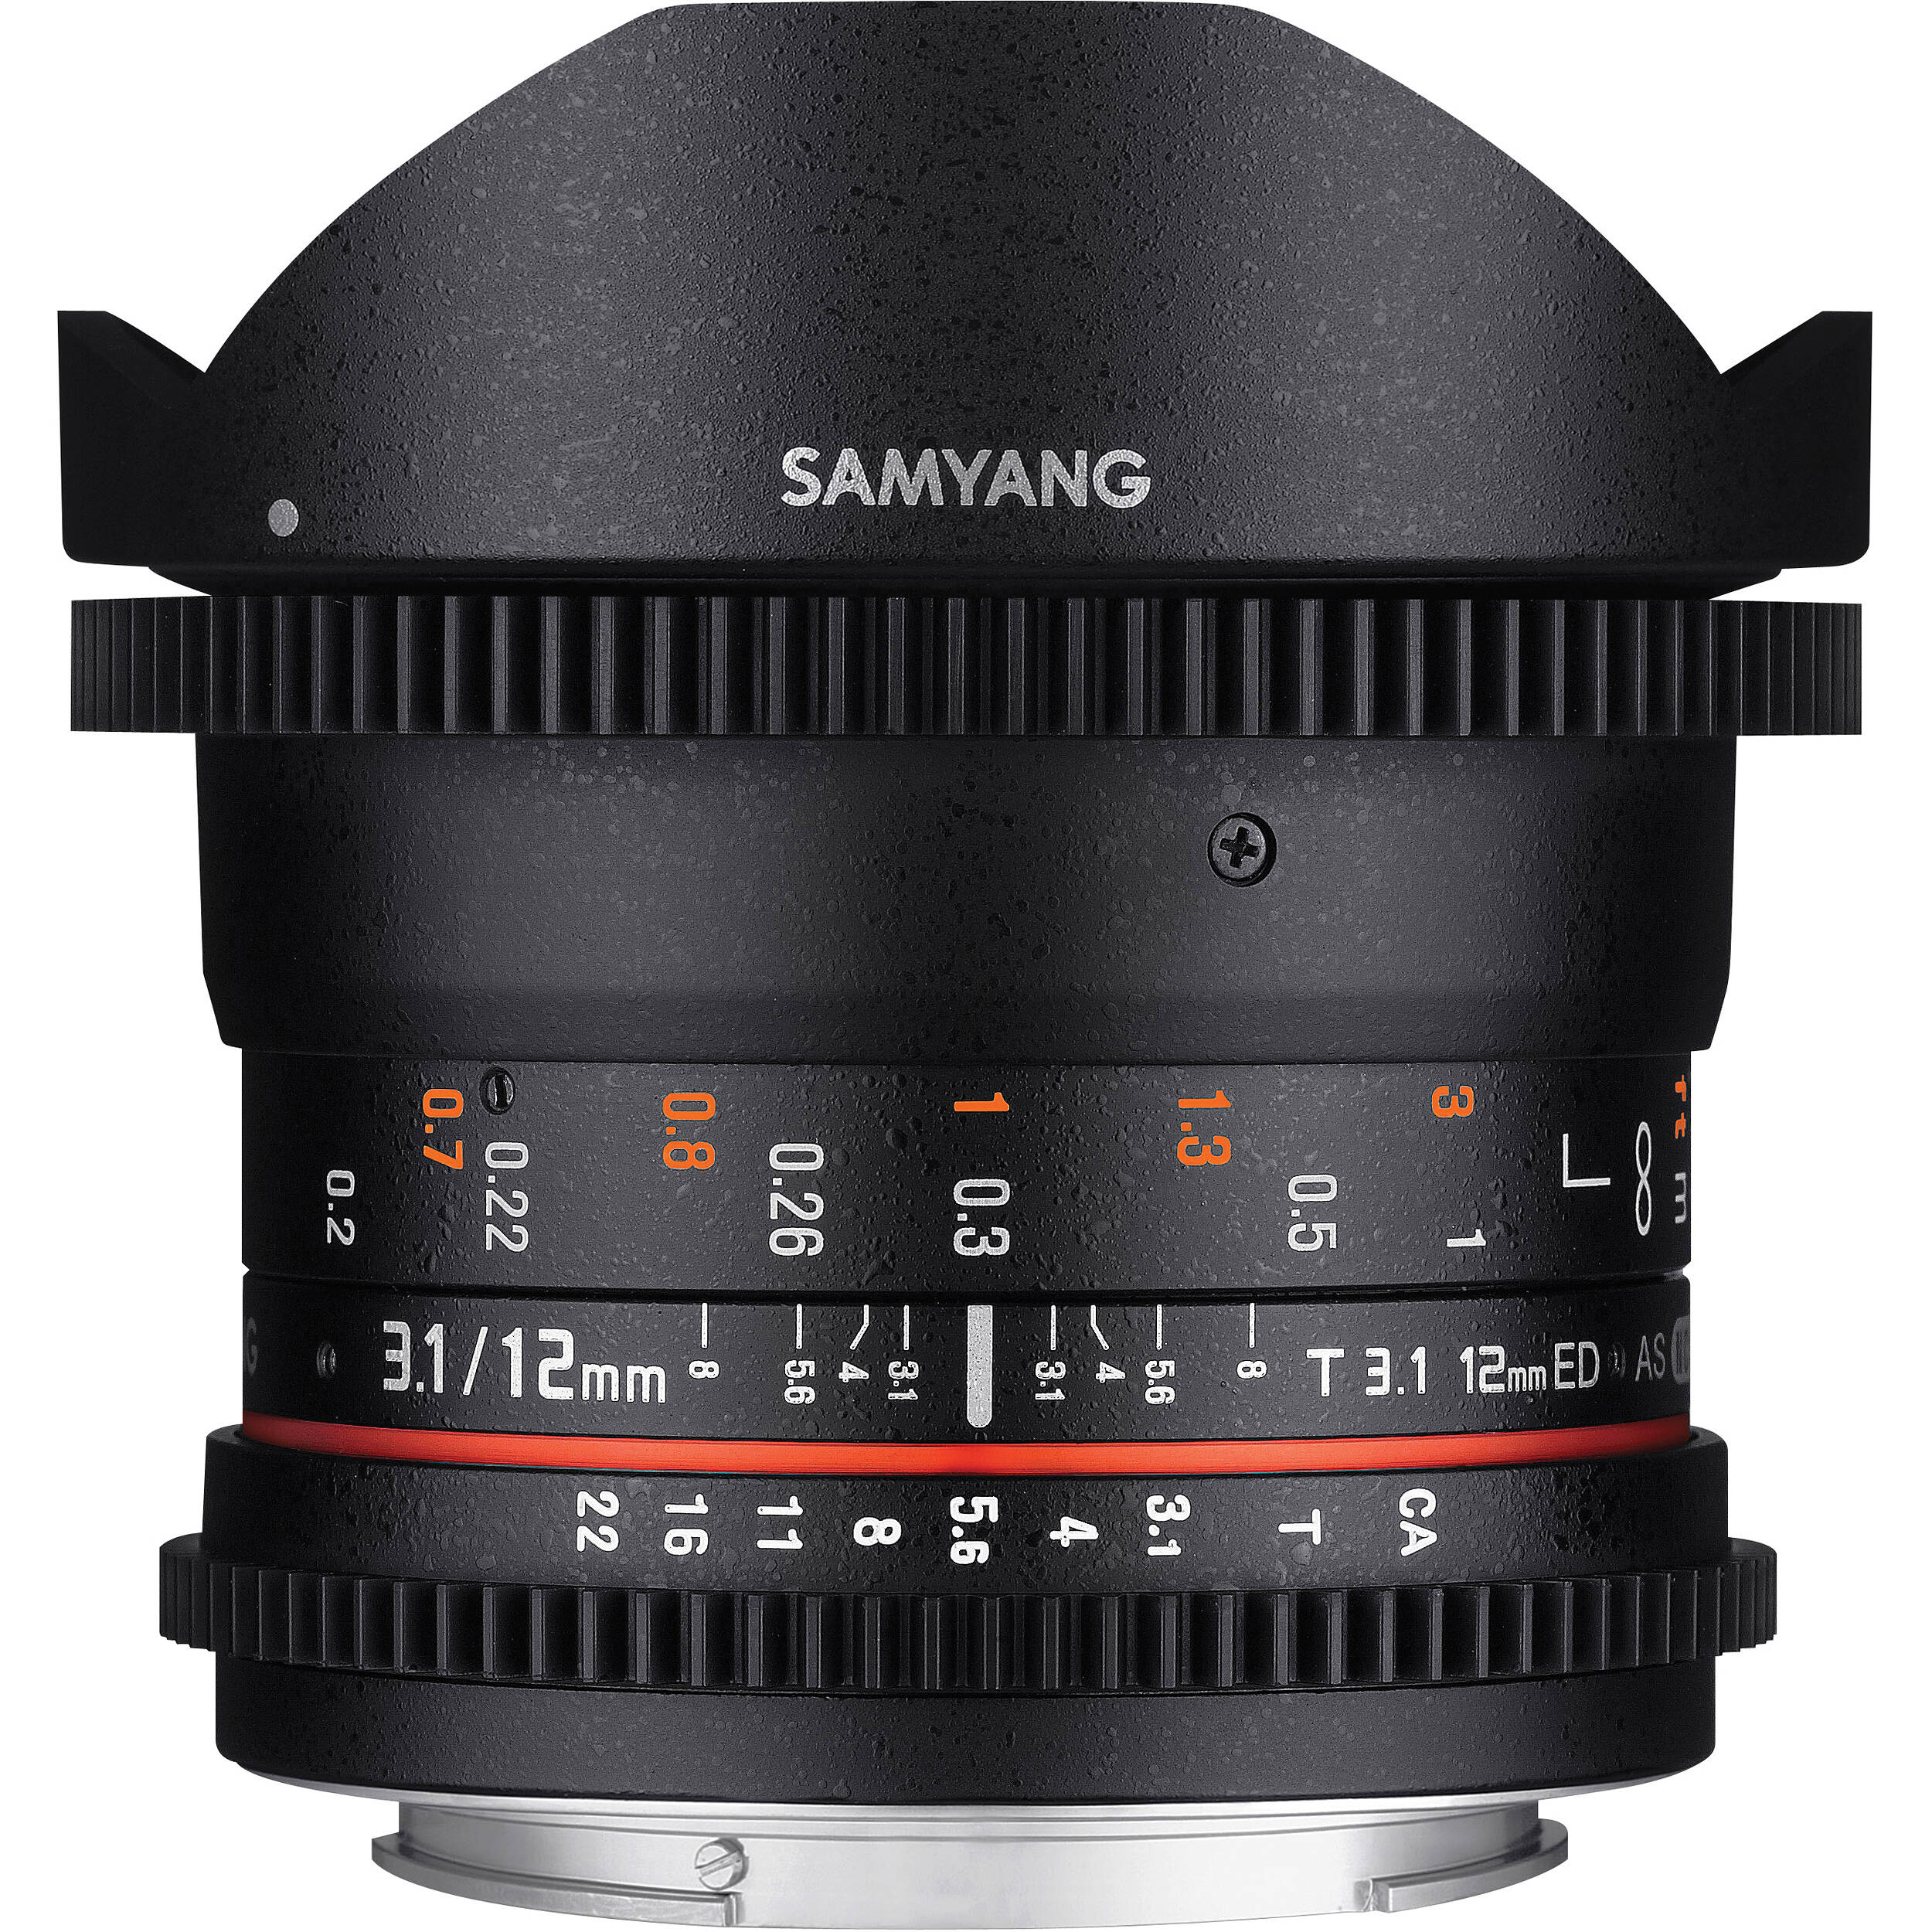 Samyang 12mm t3 1 vdslr cine fisheye lens for canon ef for Fish eye lense